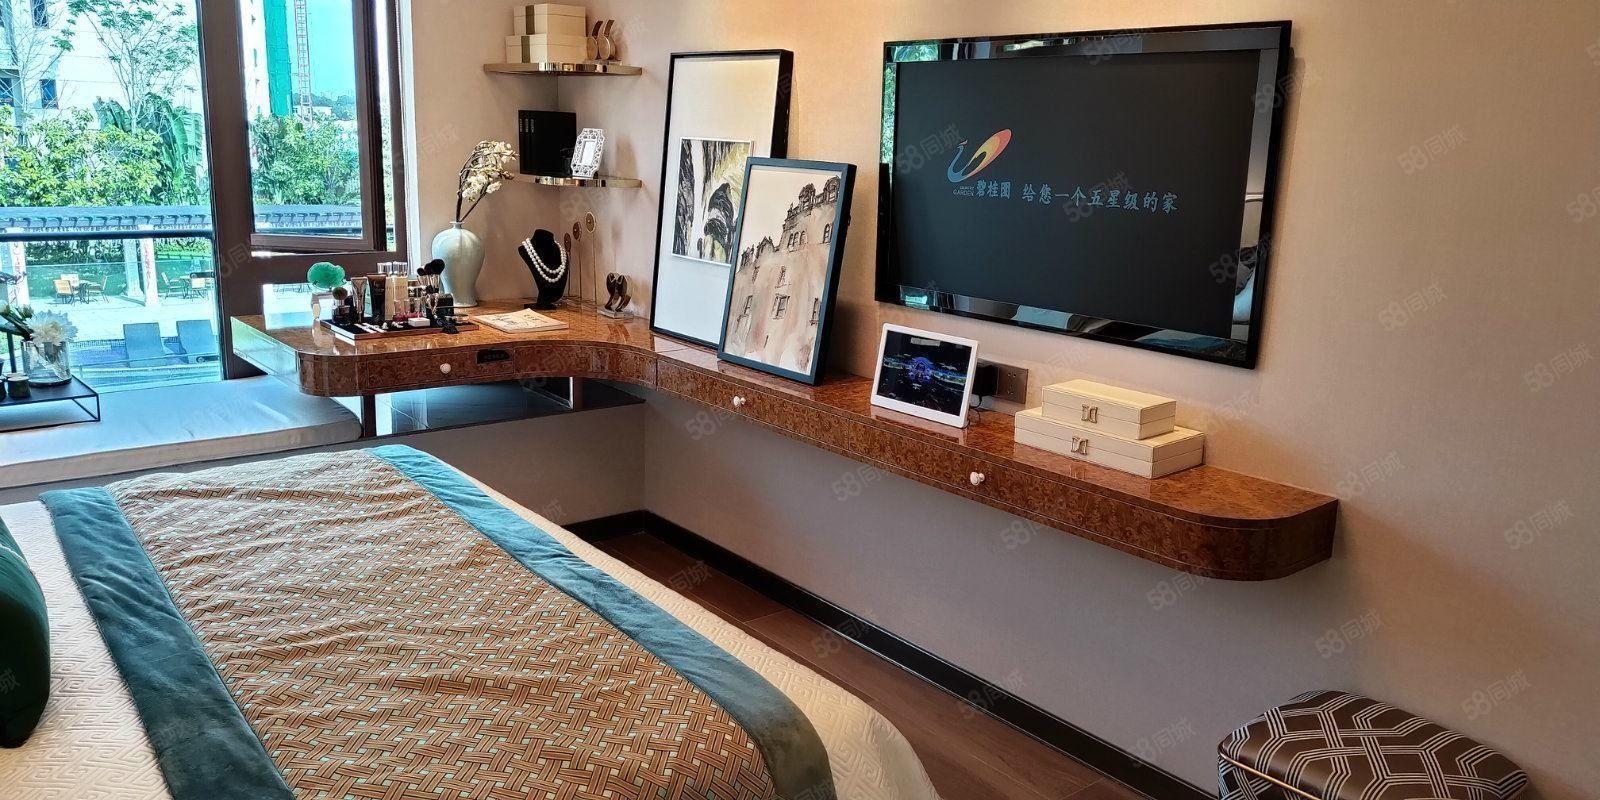 海棠灣碧桂園跳樓價直降30萬特價房十套精裝帶家電入戶!